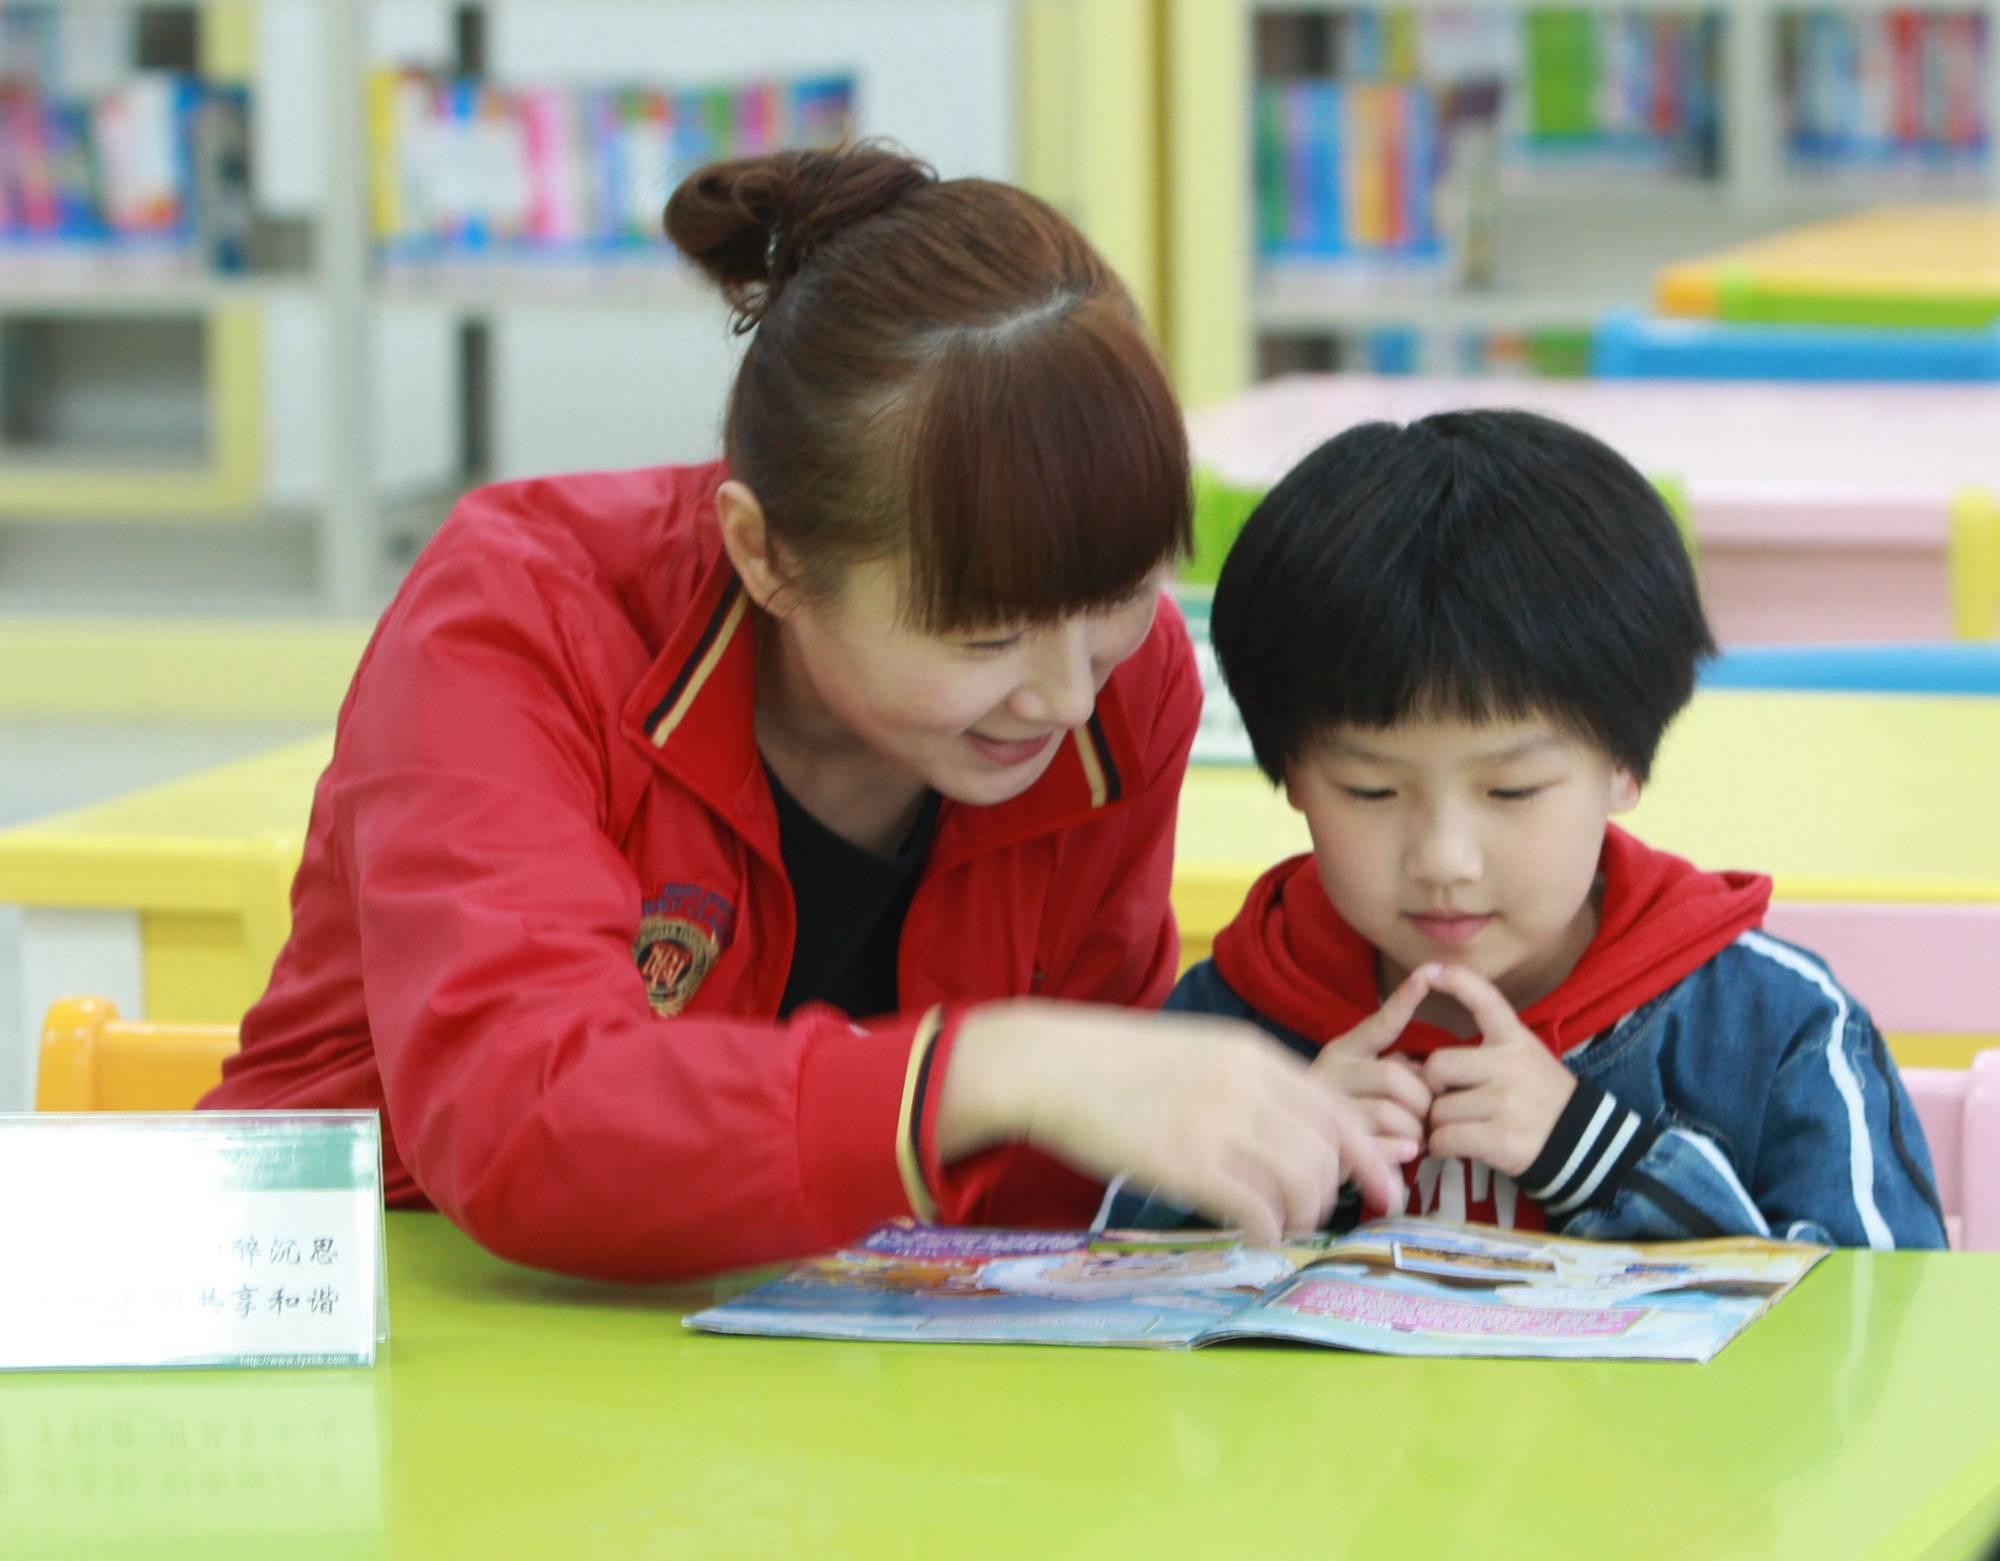 亲子阅读 为孩子读故事你的方法对吗